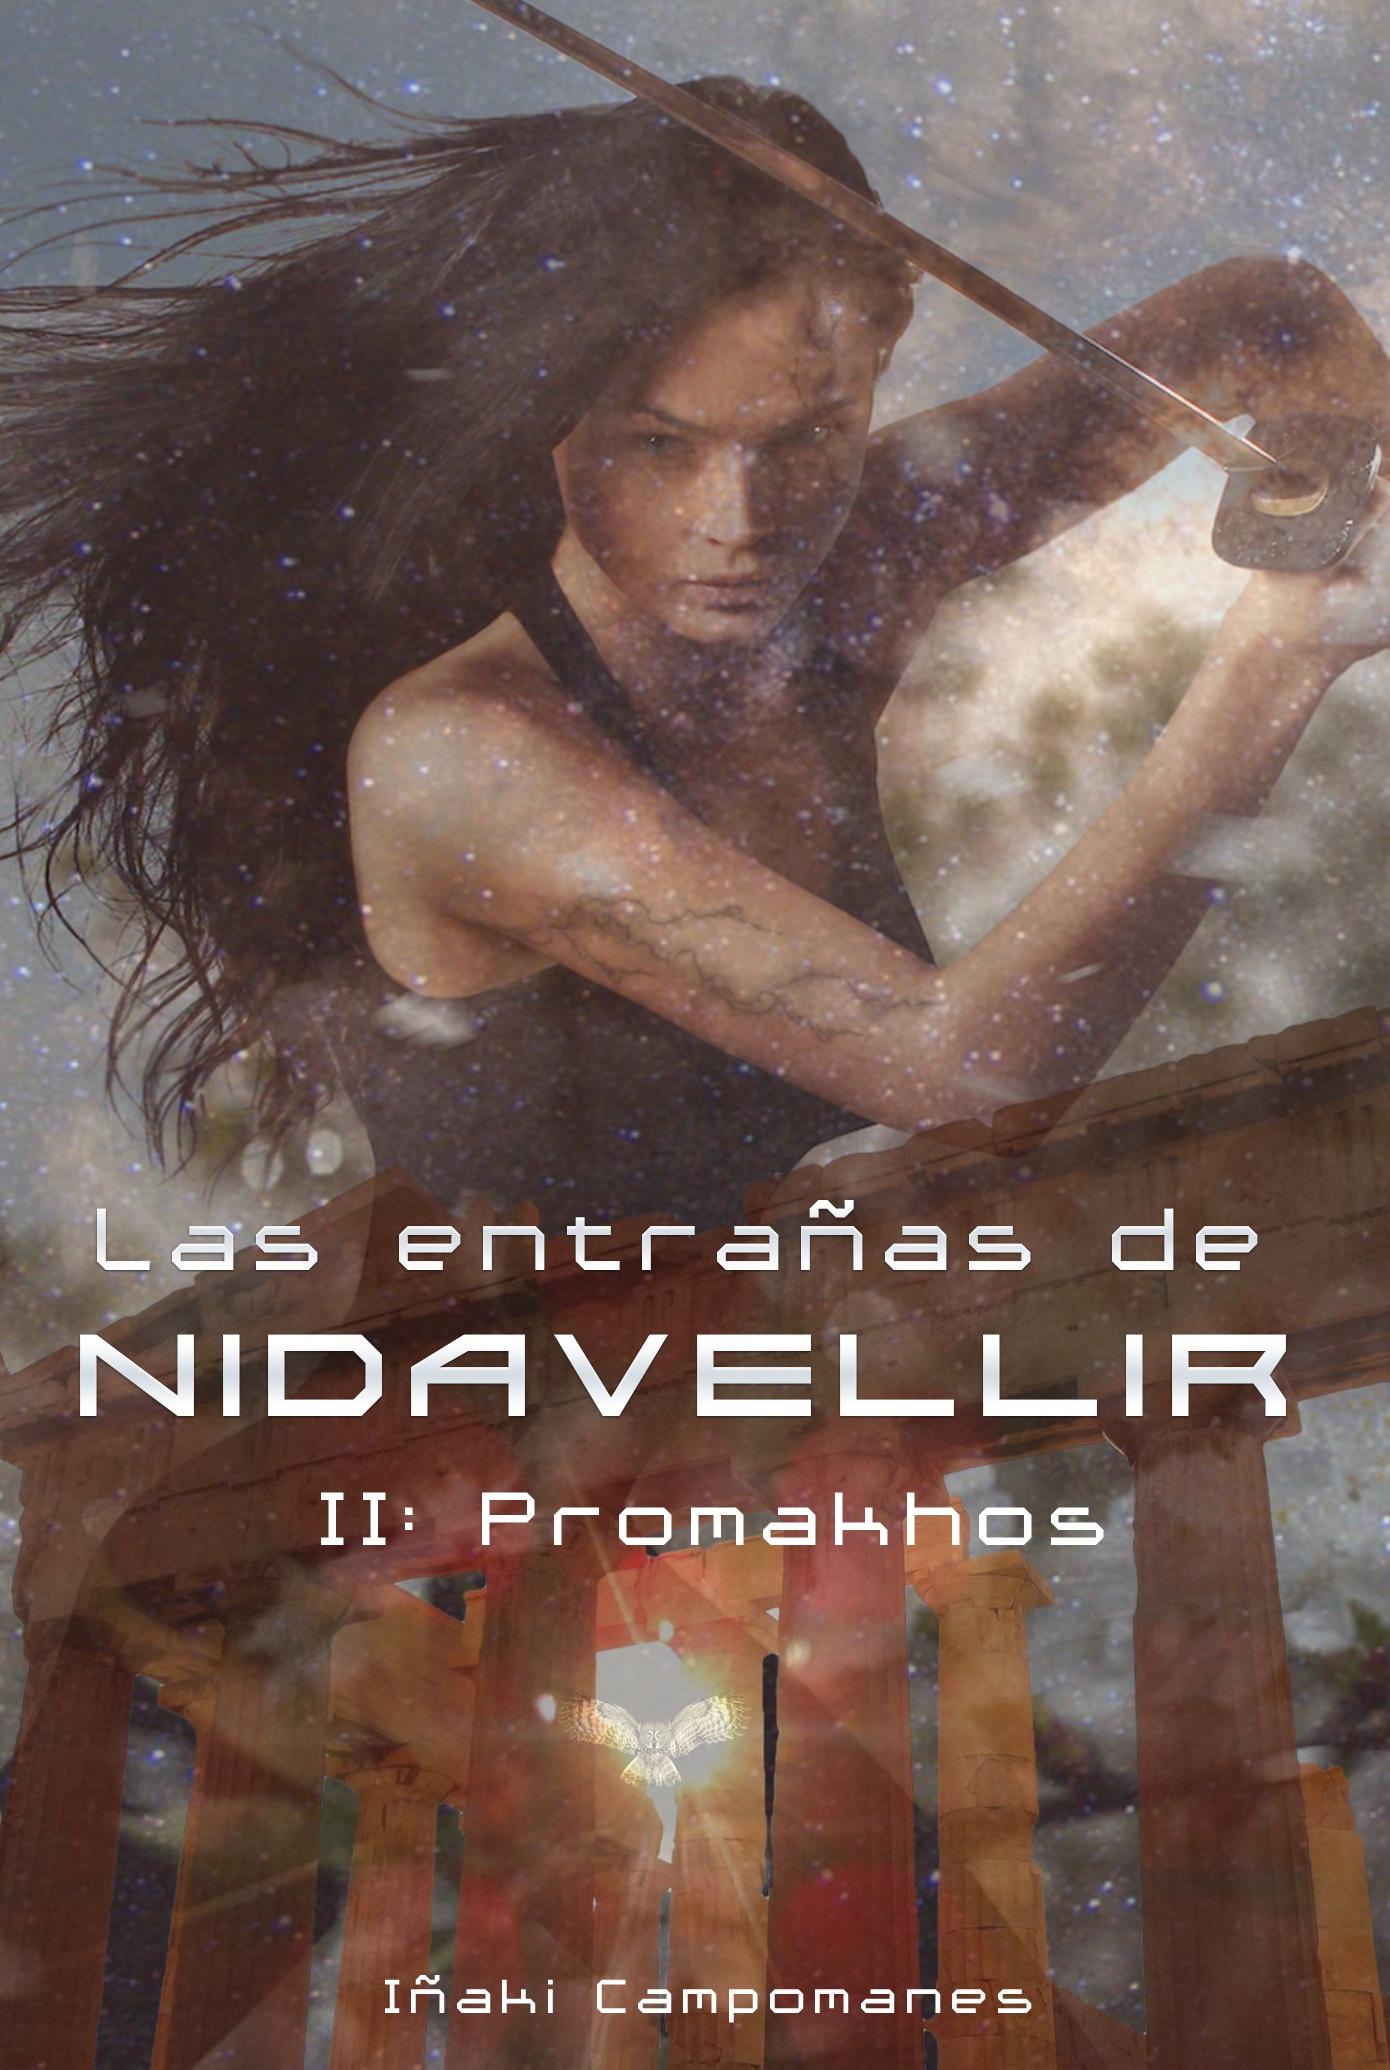 portada_nidavellir_2-2